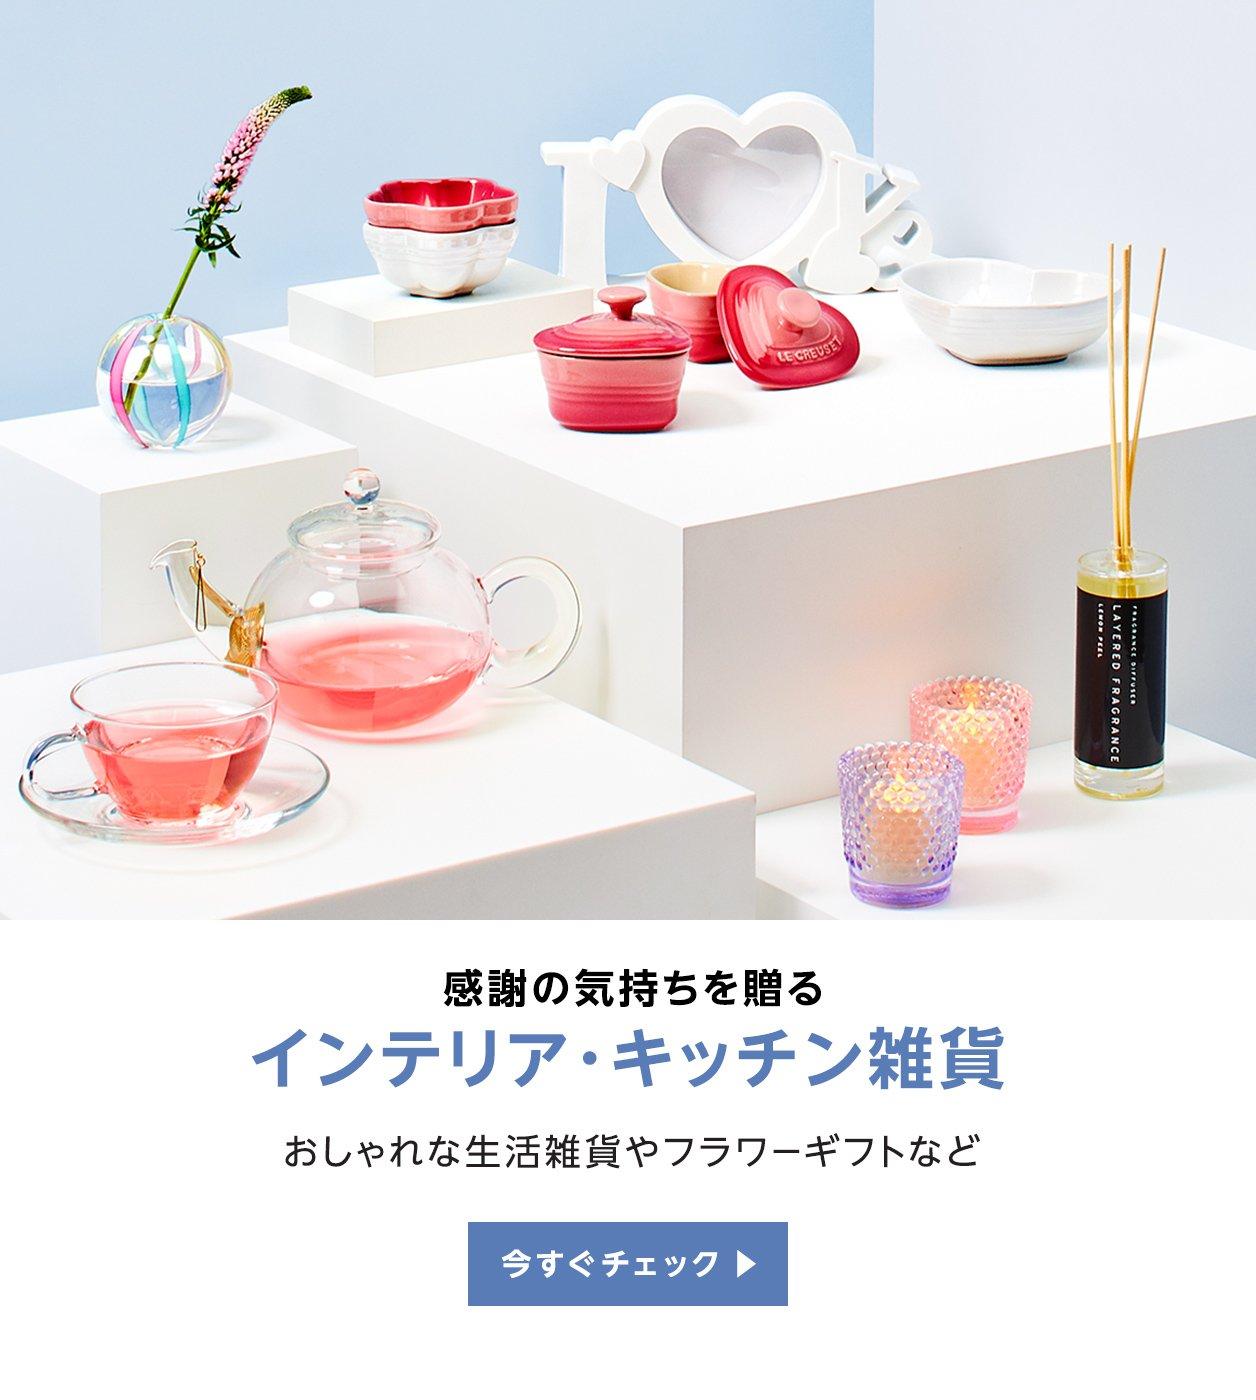 インテリア・キッチン雑貨